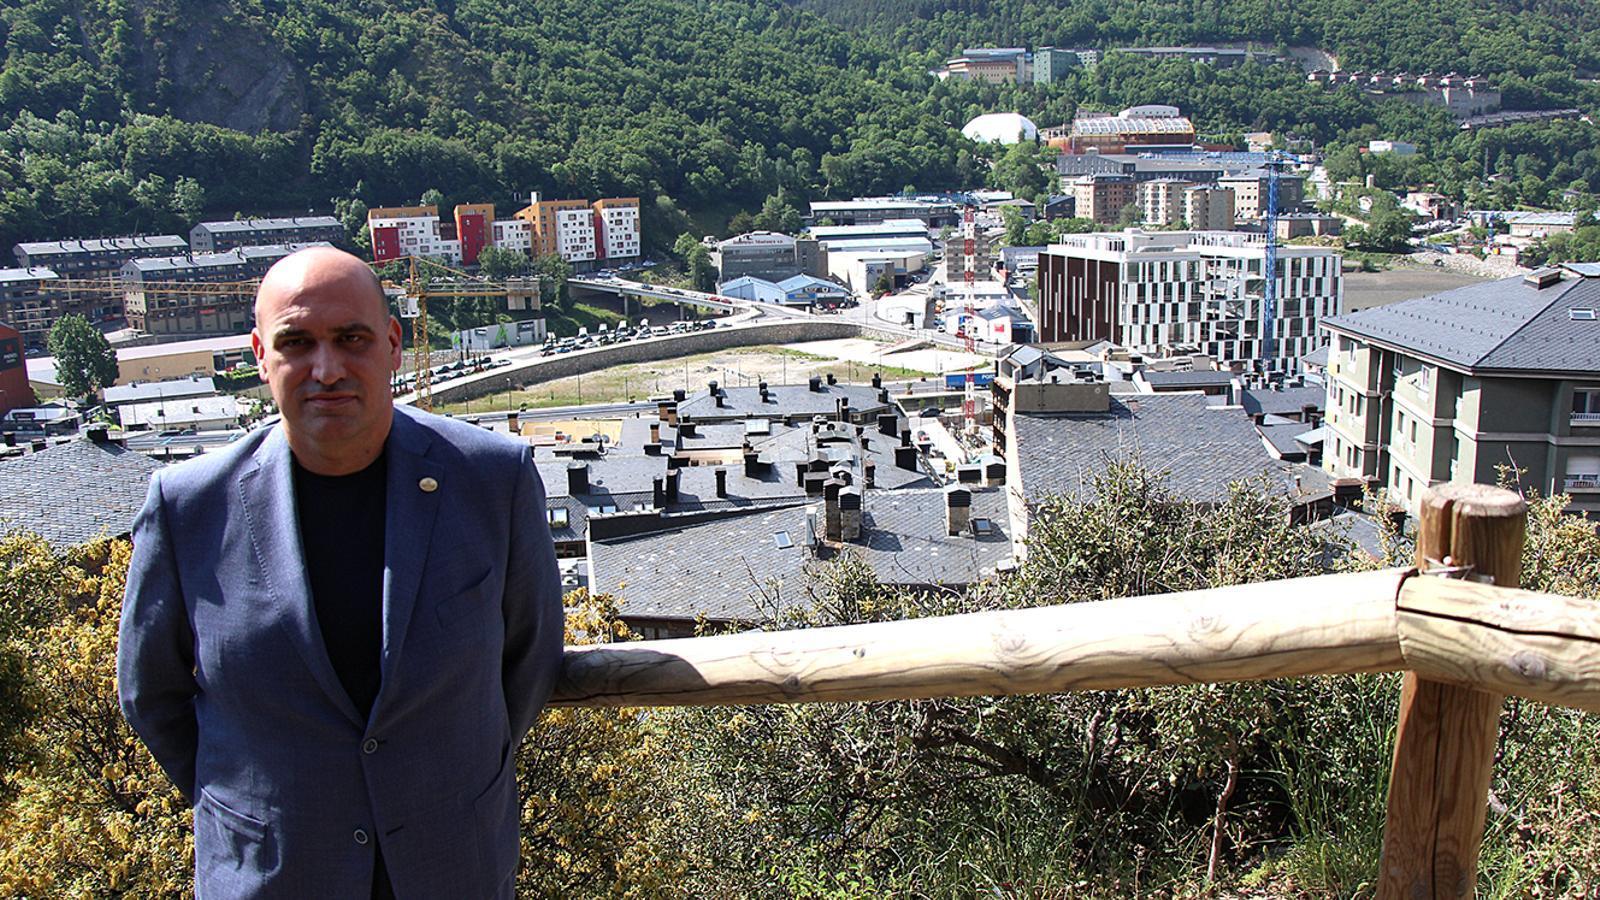 L'expert del sector immobiliari, Jordi Ribó, recentment nomenat vicepresident de Fiabci Internacional. / M. M. (ANA)